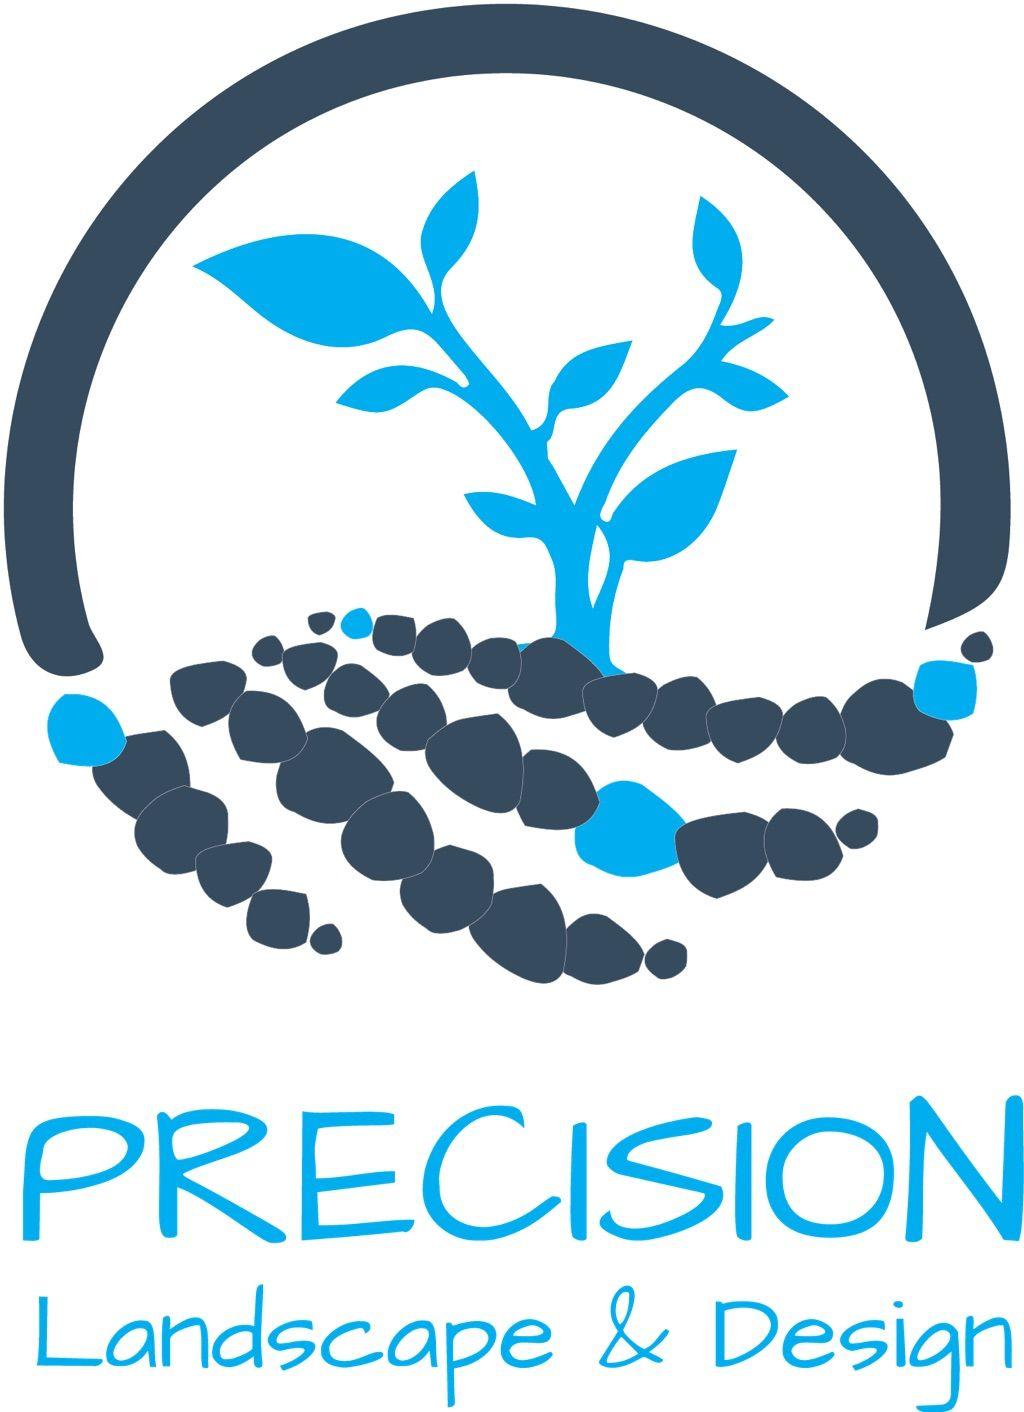 Precision Landscape & Design